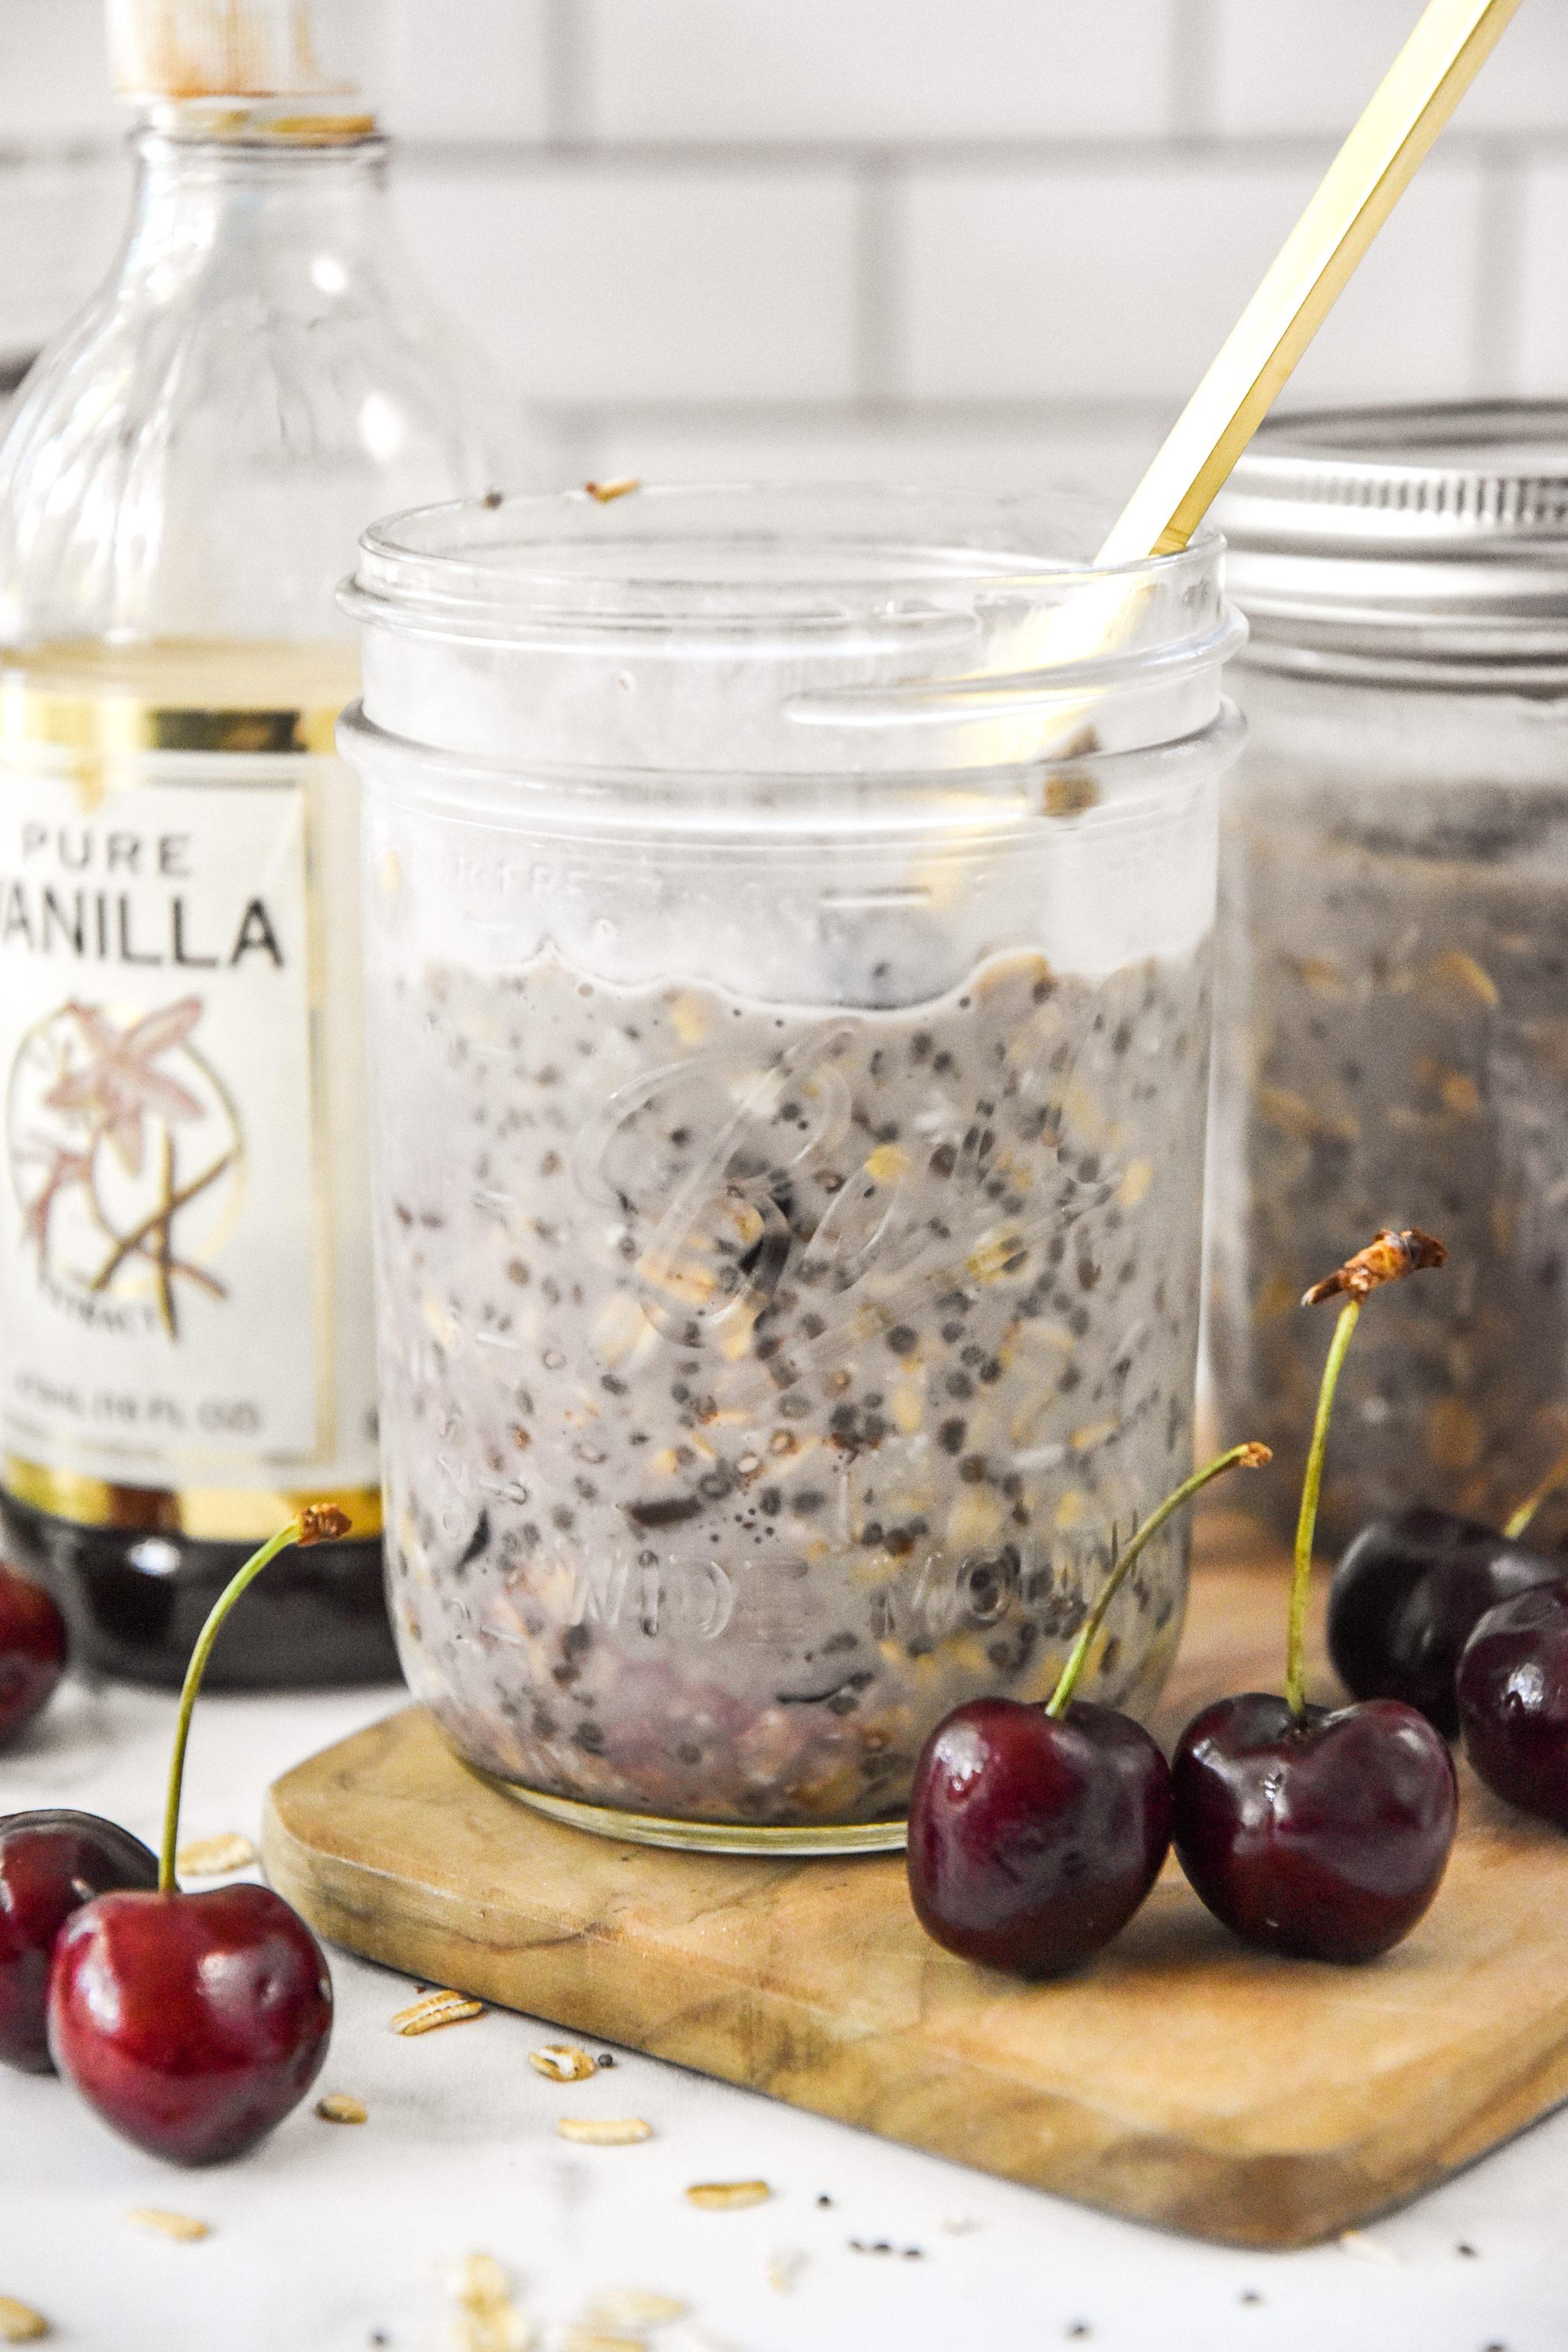 cherry vanilla overnight oats in a mason jar with cherries around.